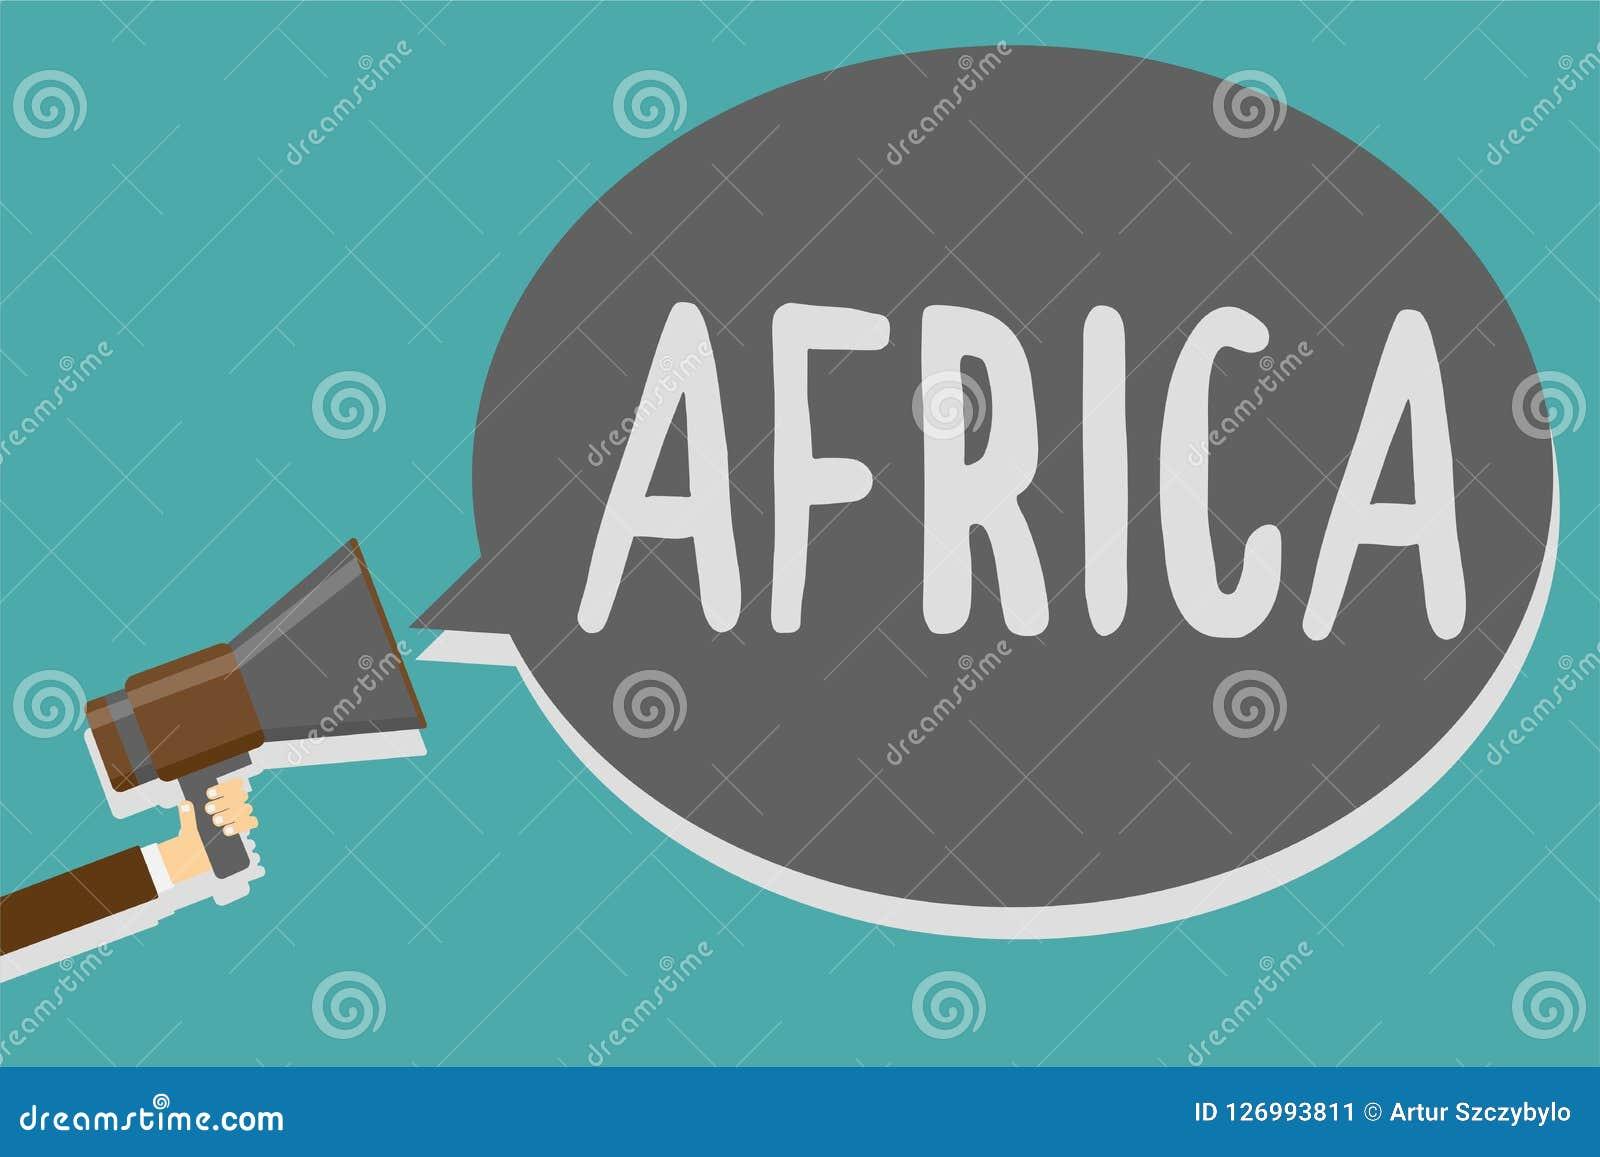 Begreppsmässig handhandstil som visar Afrika För affärsfototext för världar mest tätbefolkad kontinent i andra hand - störst och